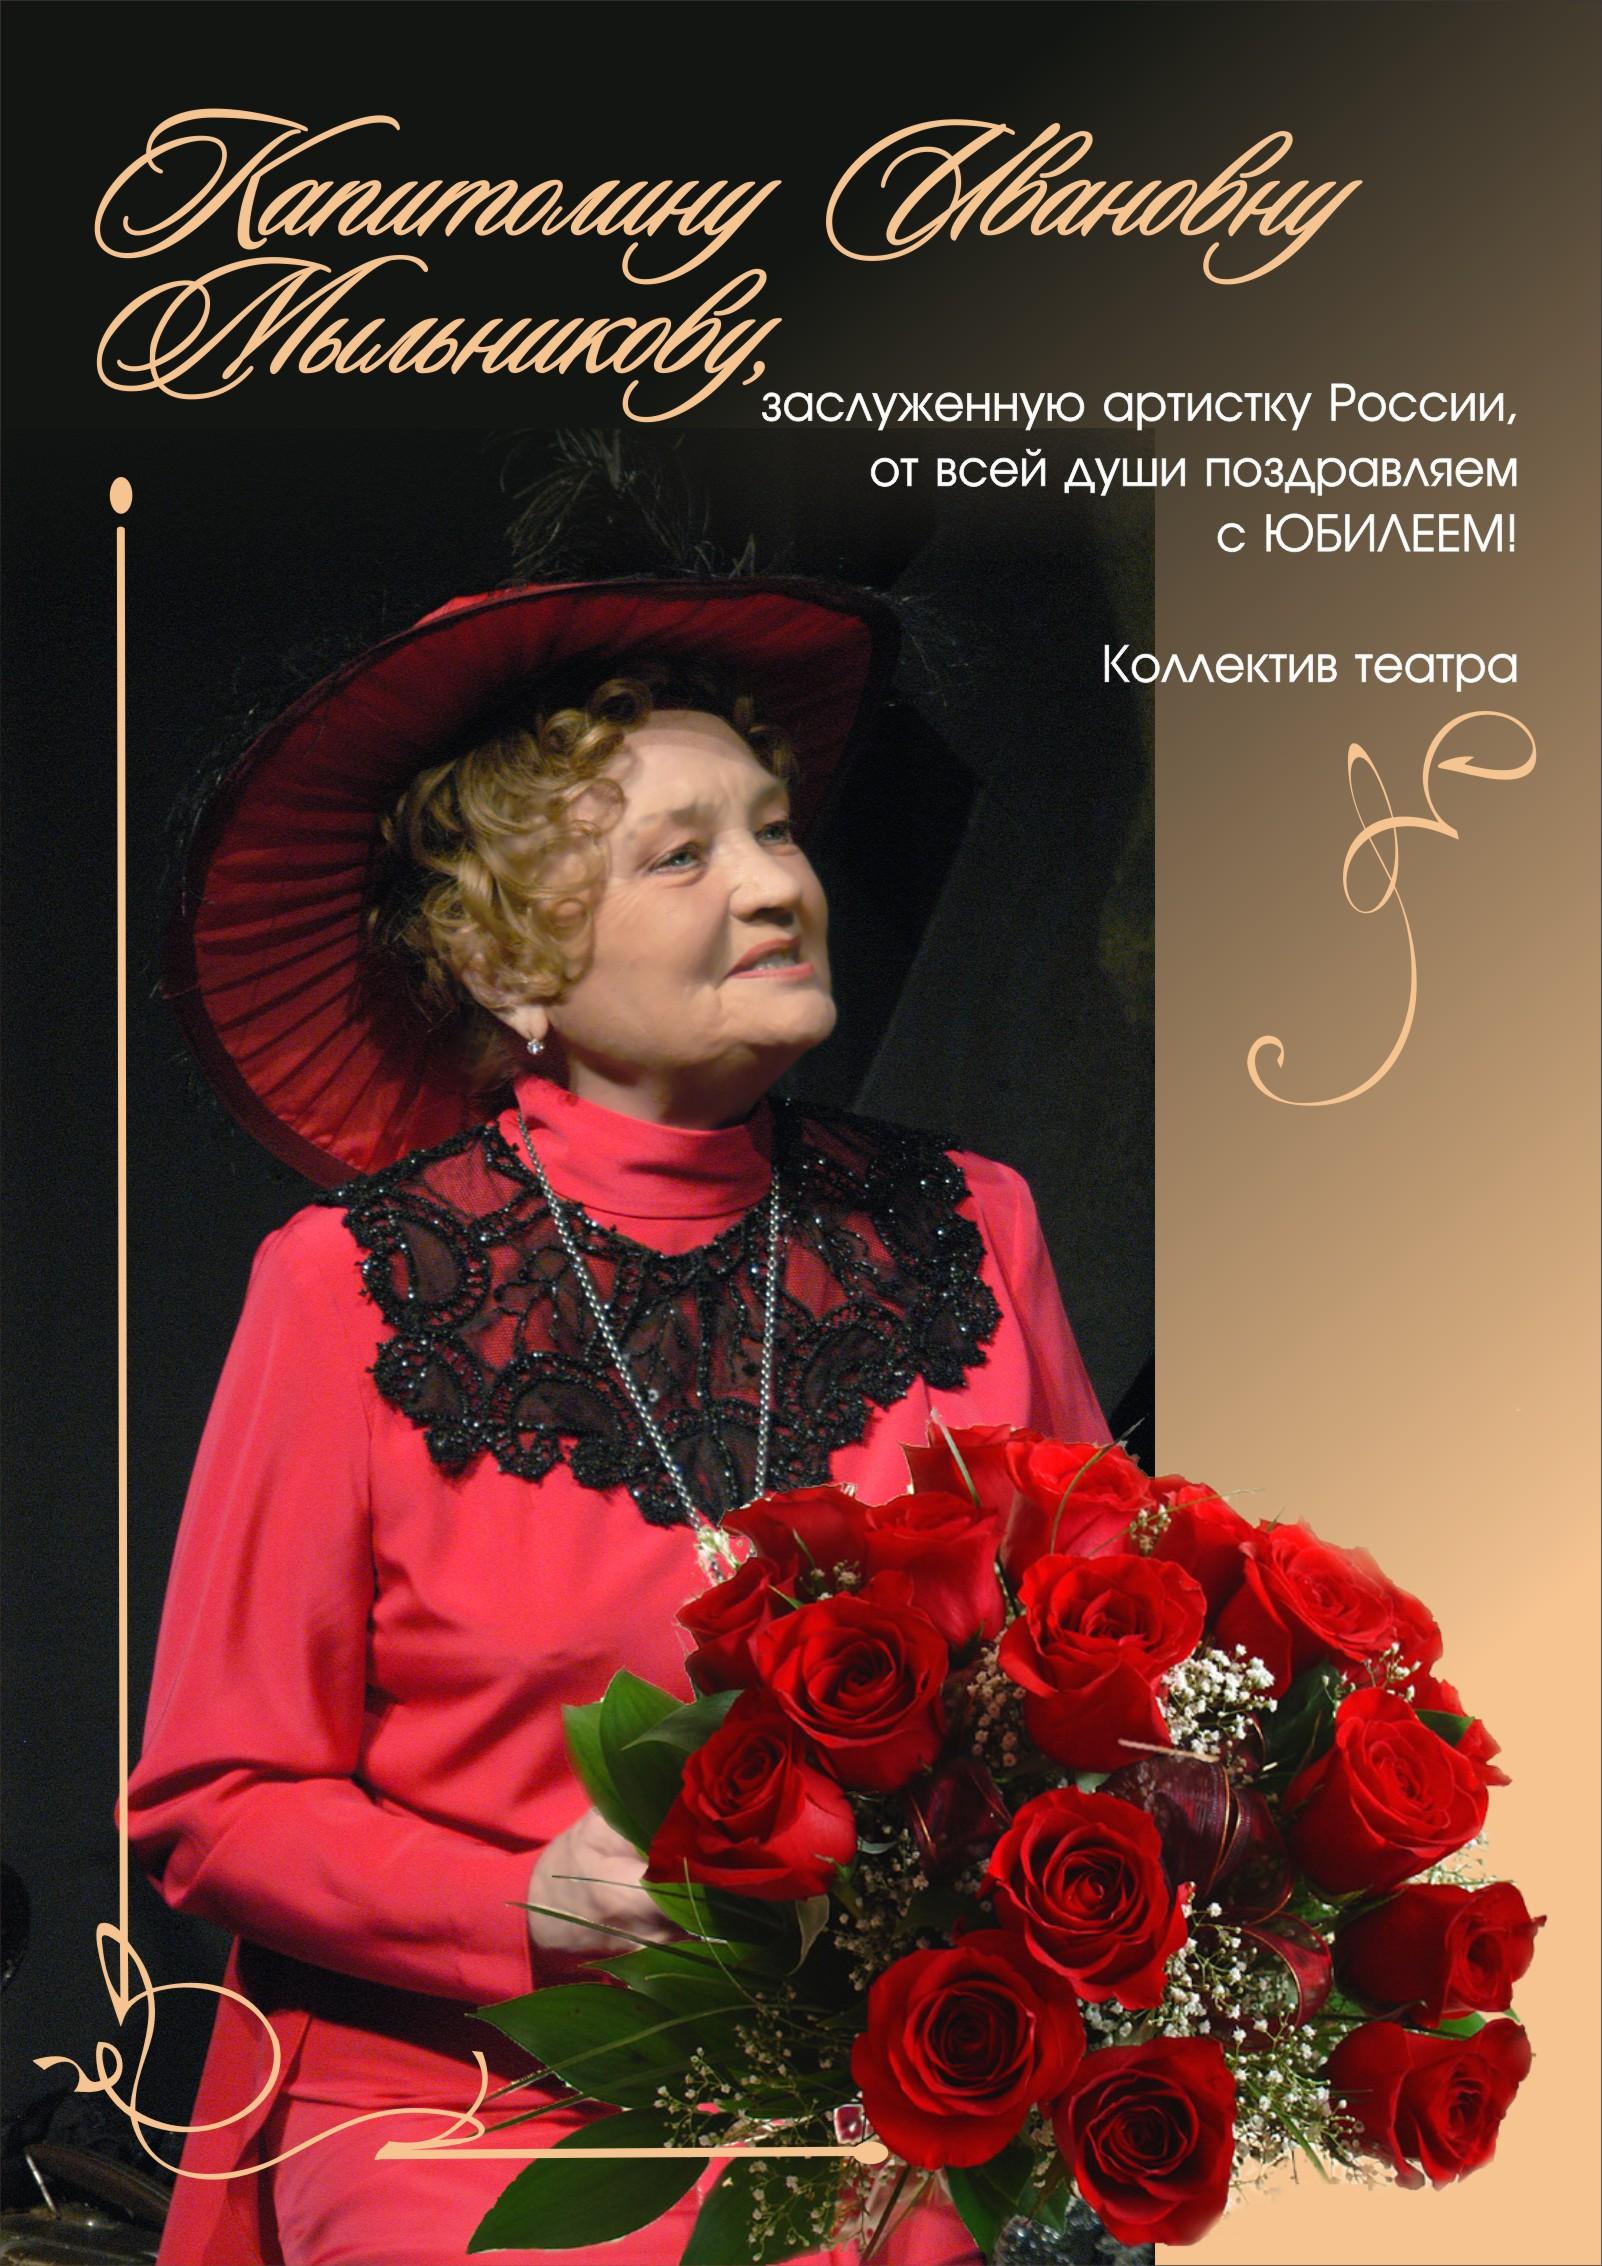 Поздравление с юбилеем театру